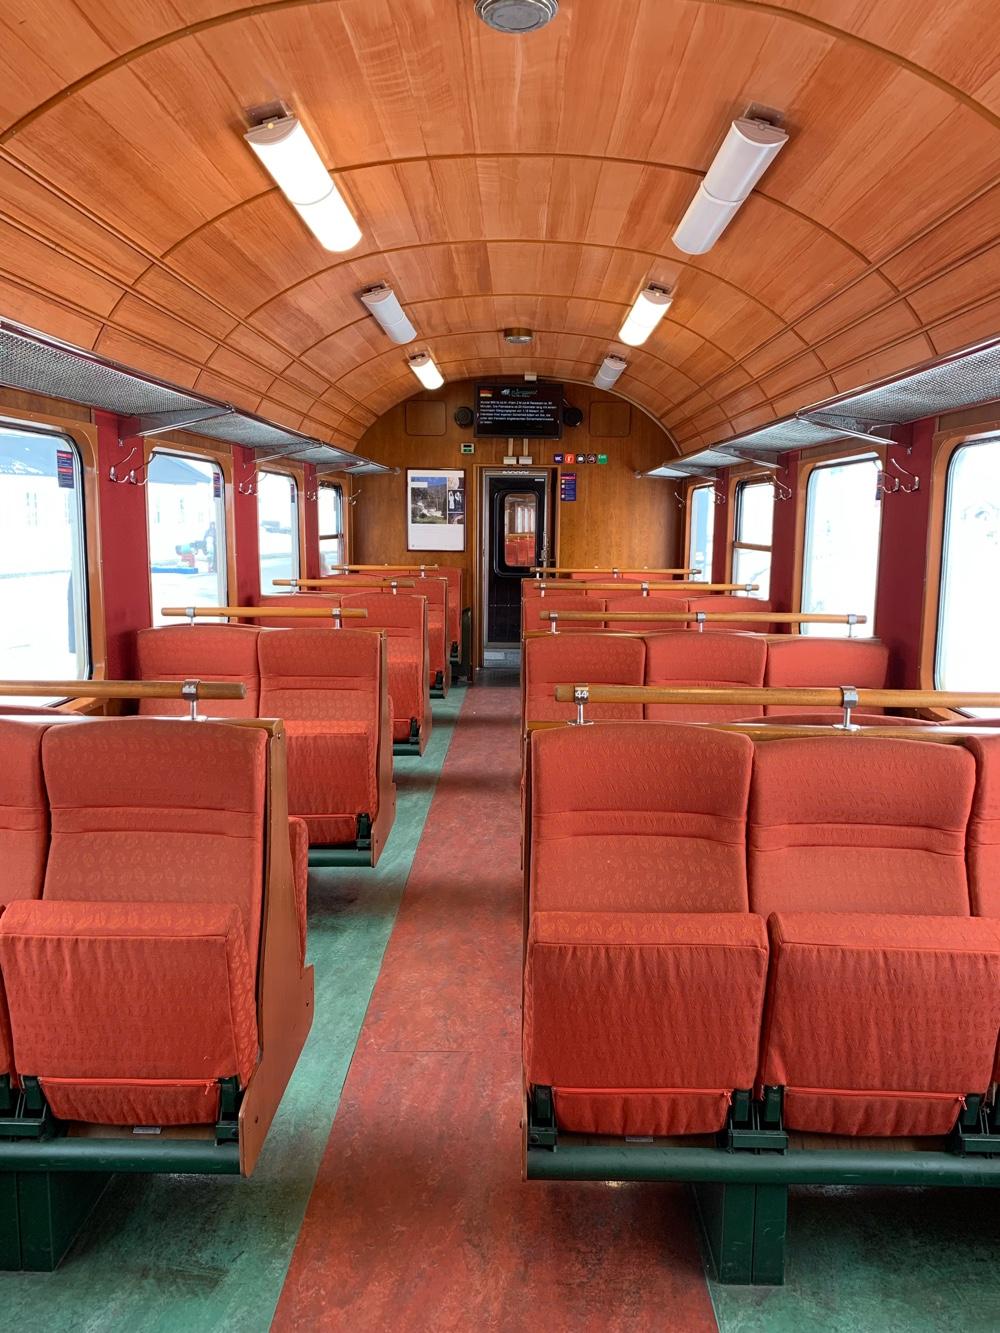 Interior Flam train